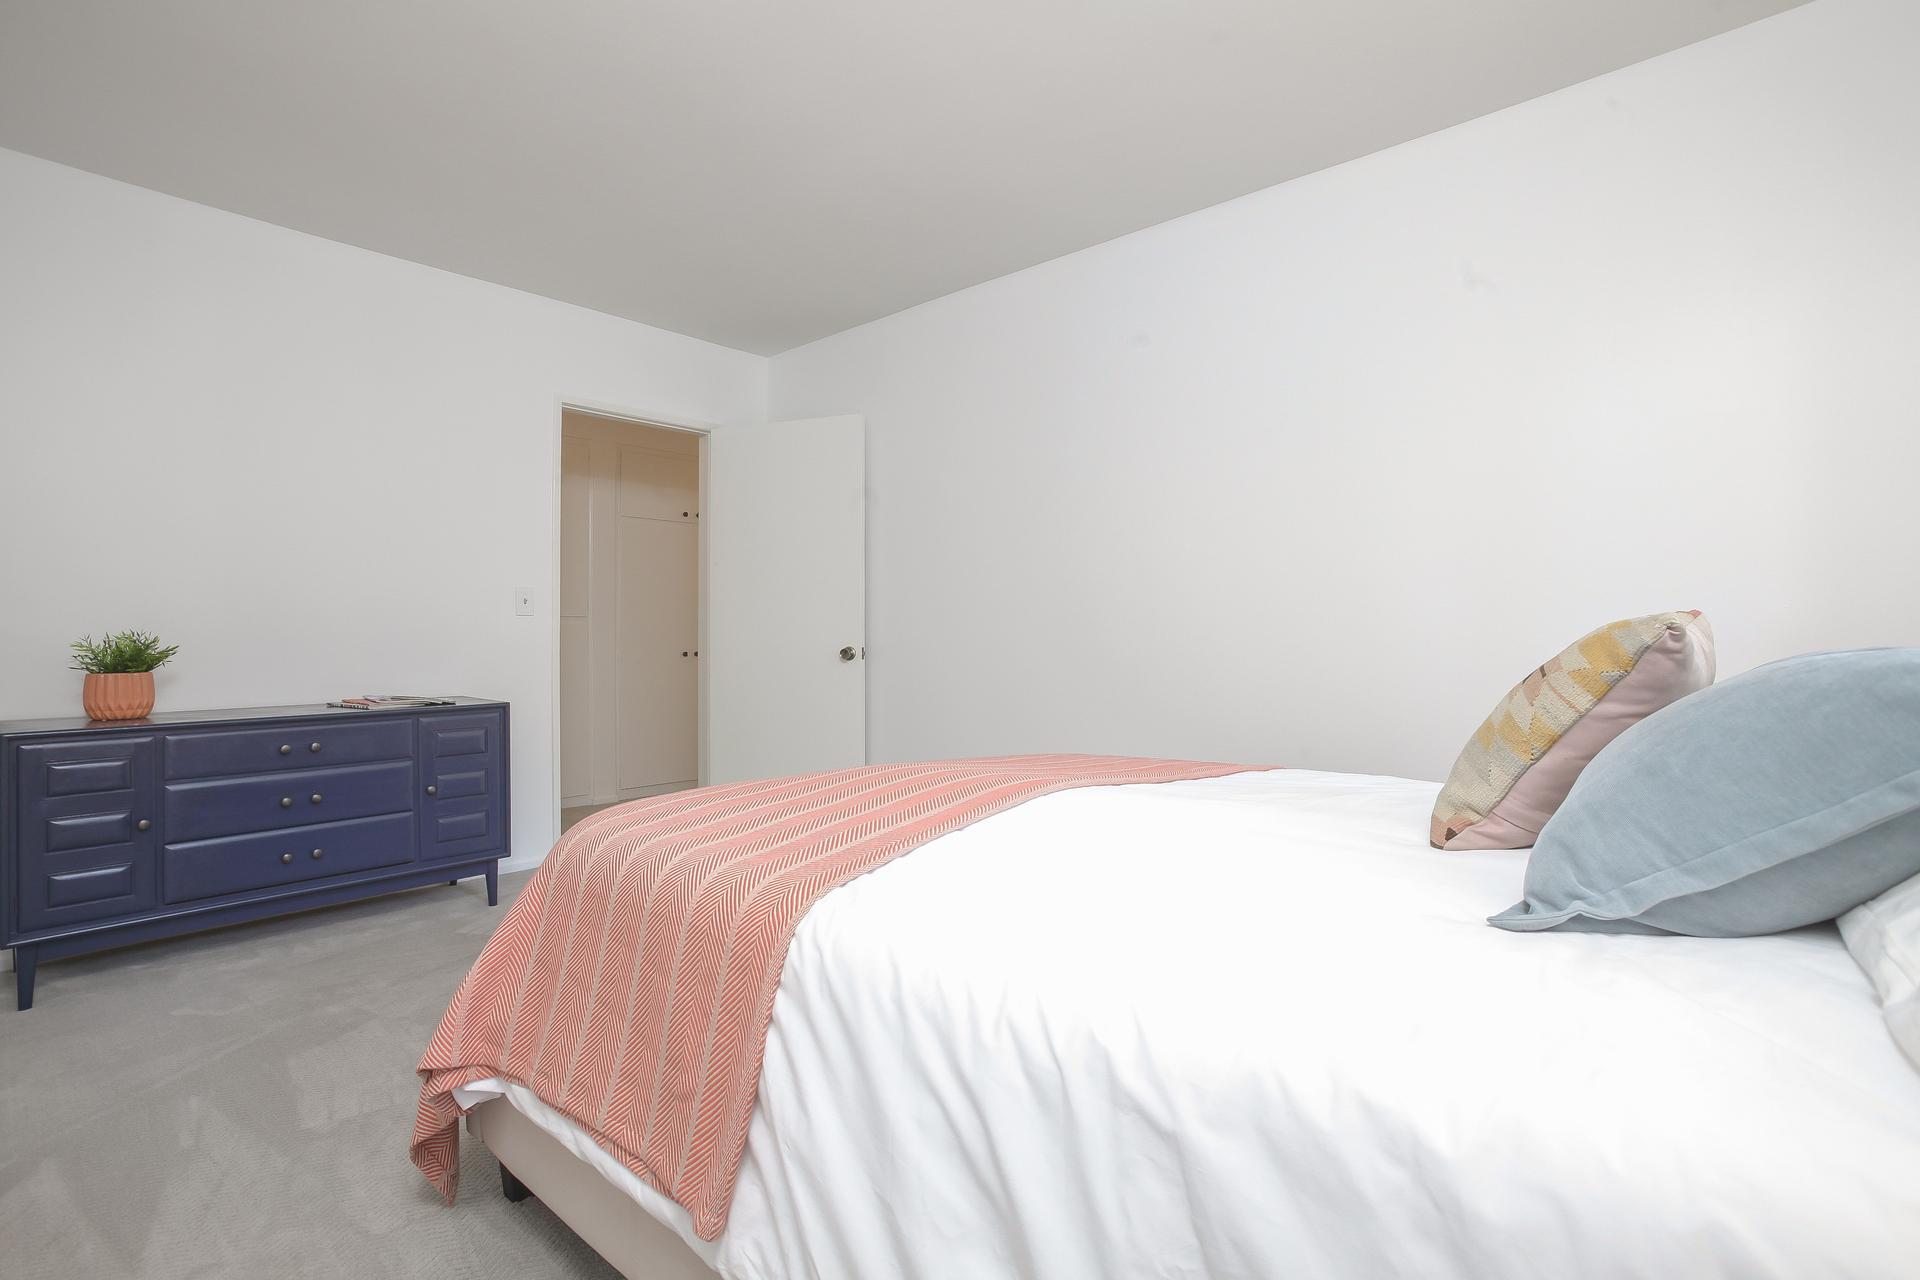 029-2nd_Bedroom-4443095-medium.jpg